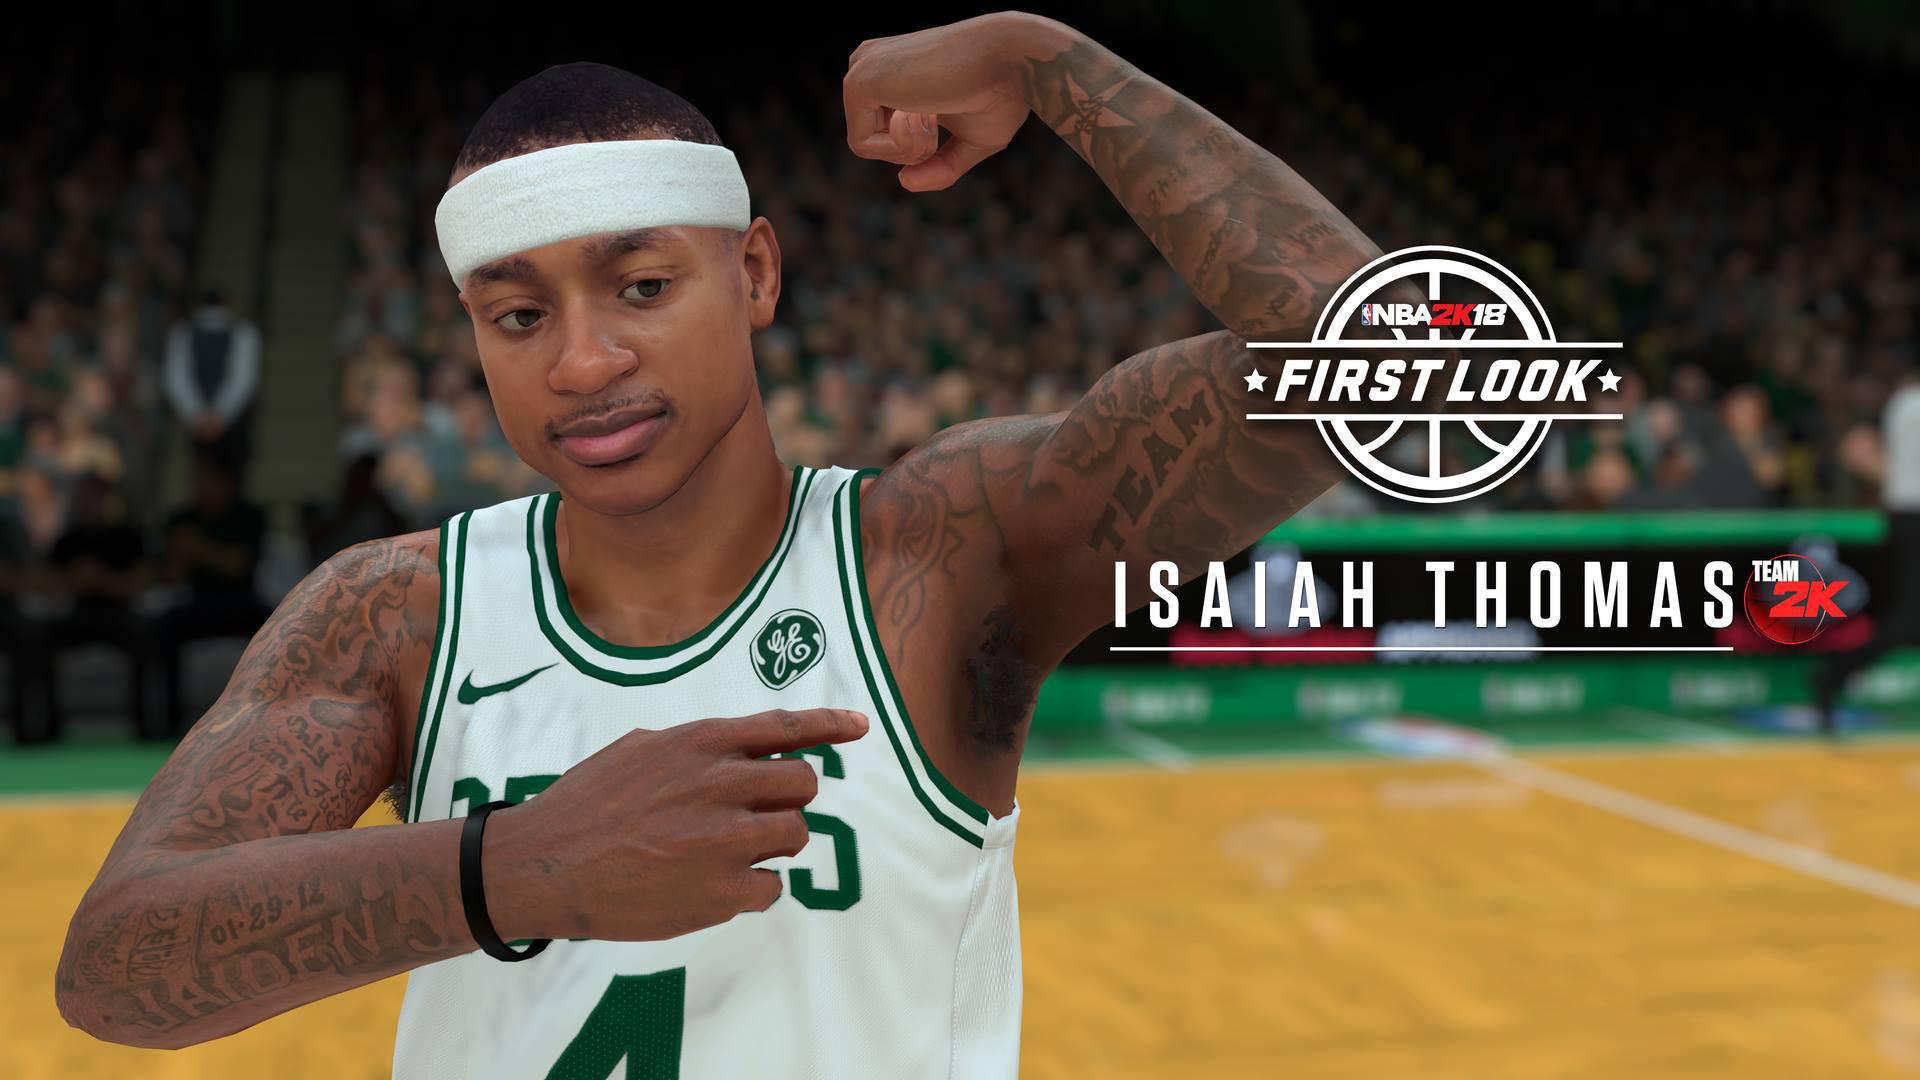 Res: 1920x1080, NBA 2K18: Isaiah Thomas First Look